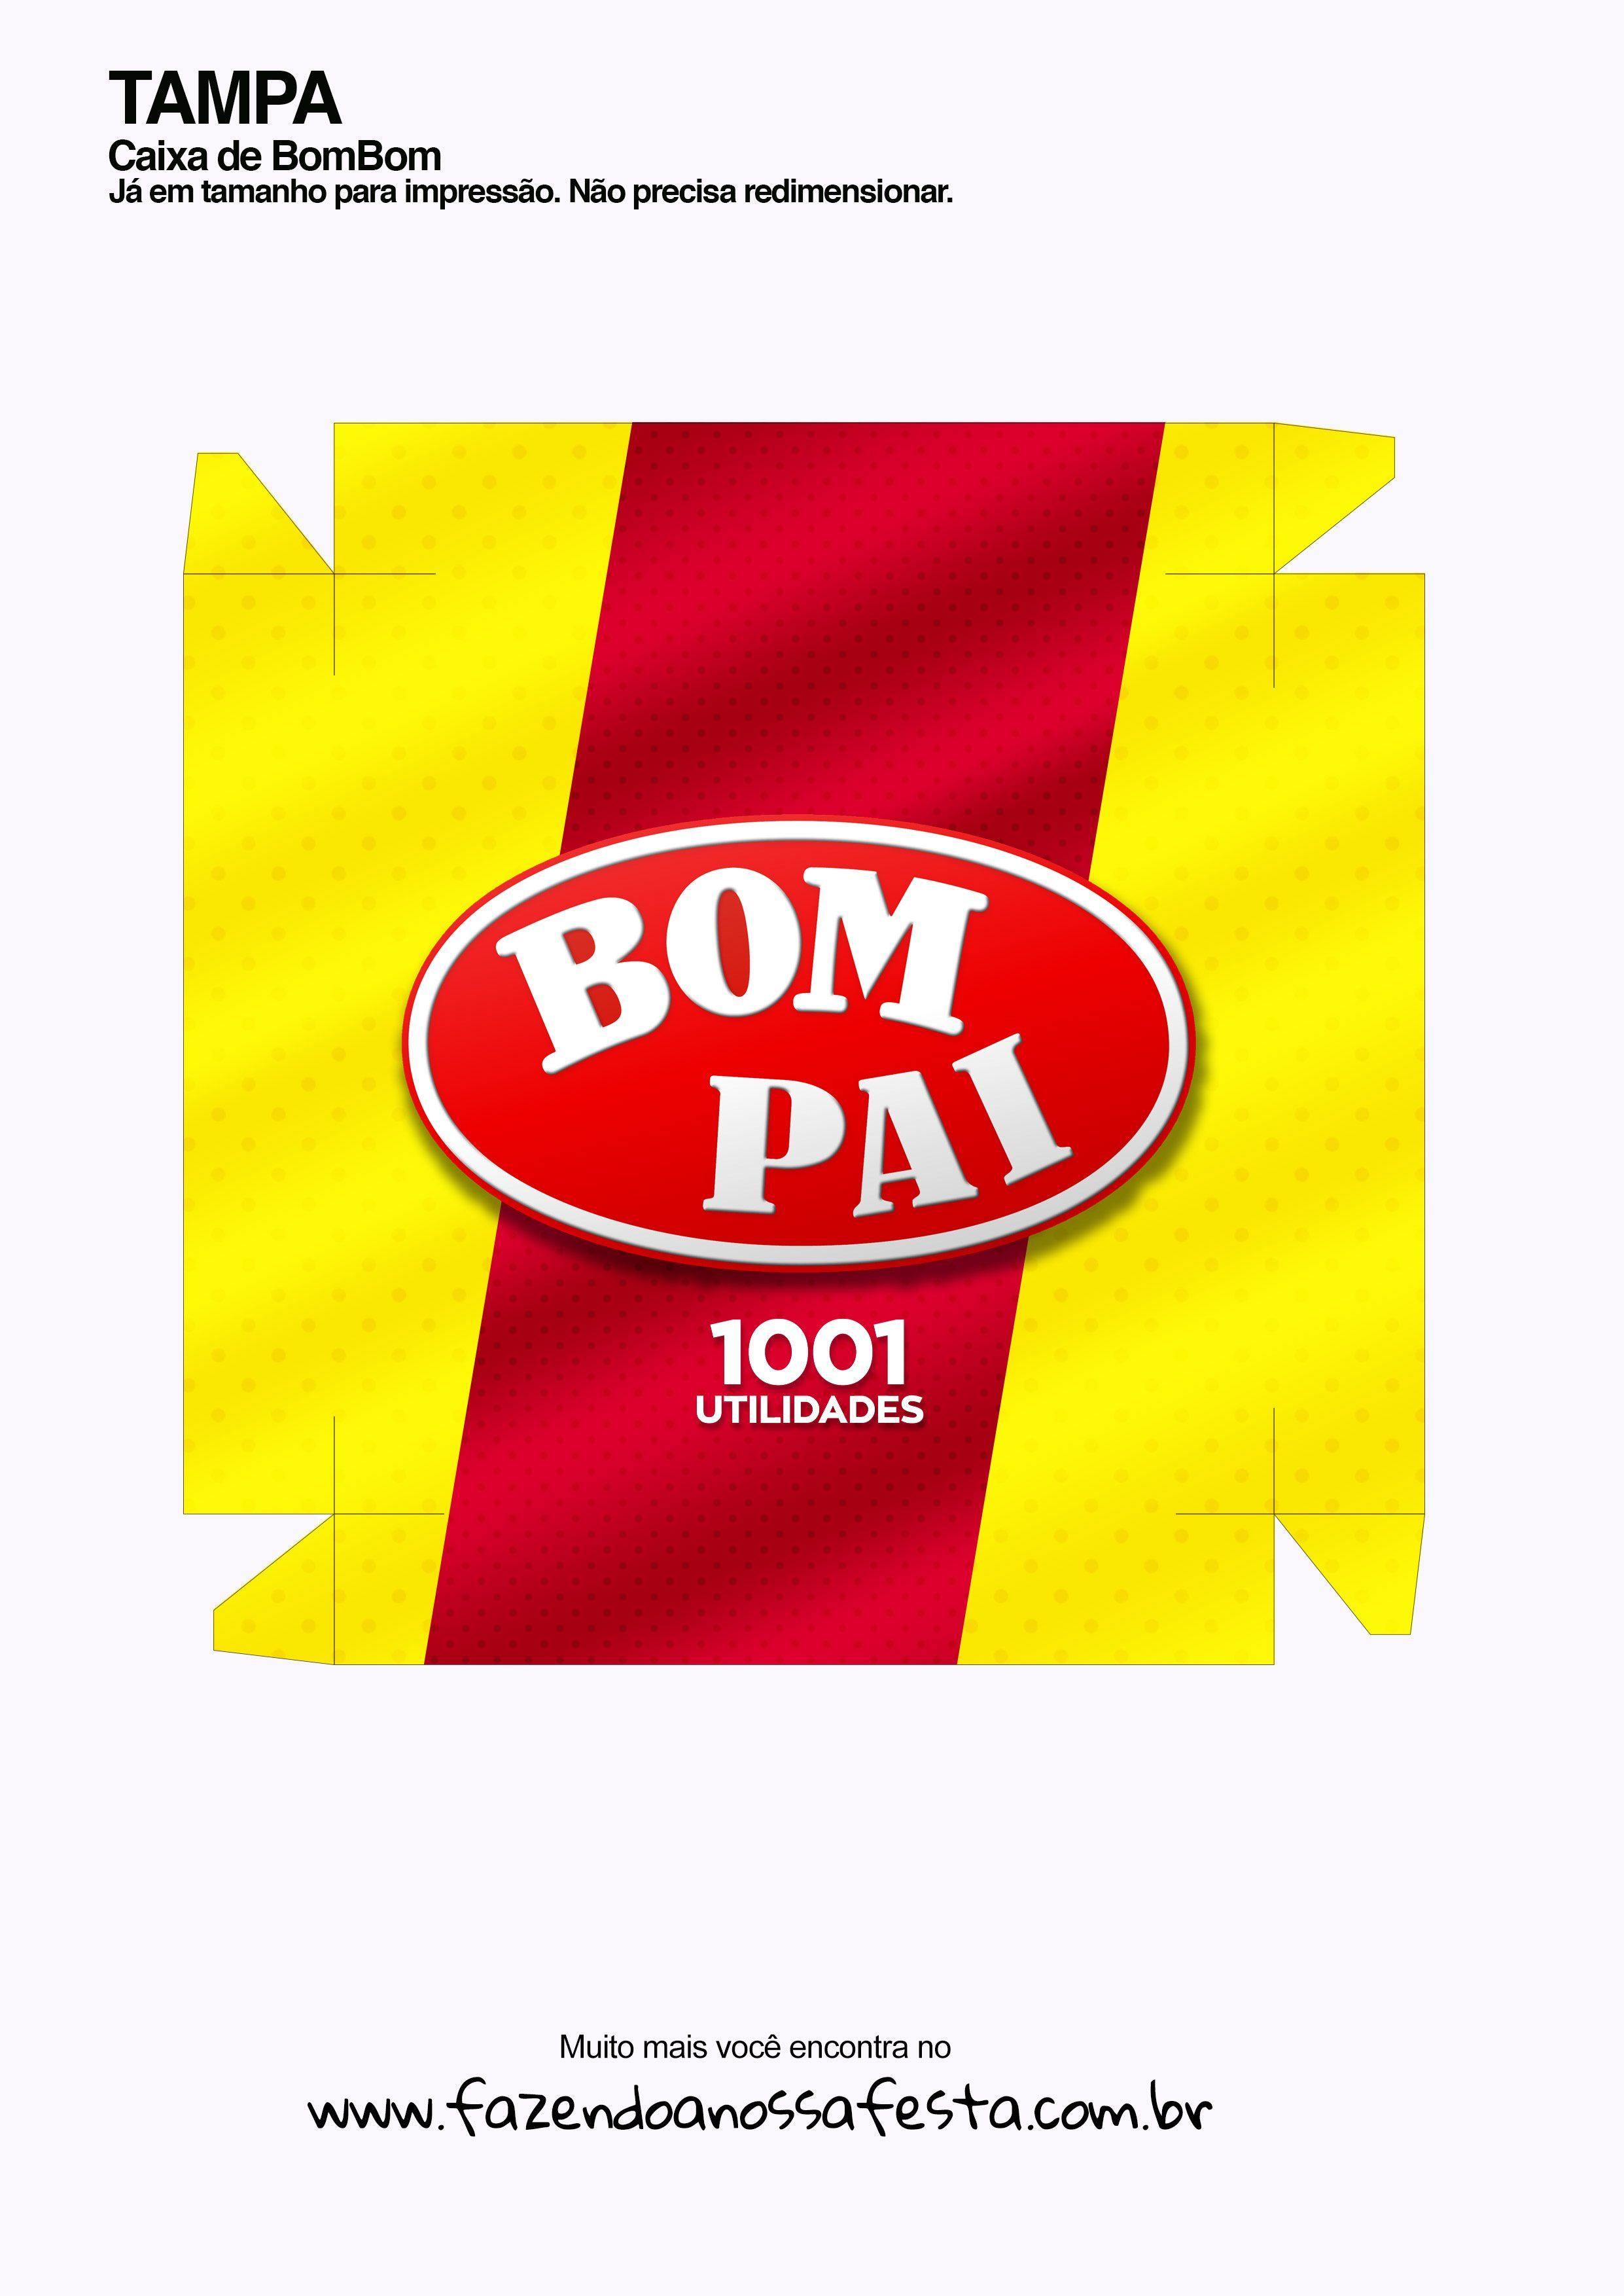 Caixa bombom Kit Bom Pai - parte de cima